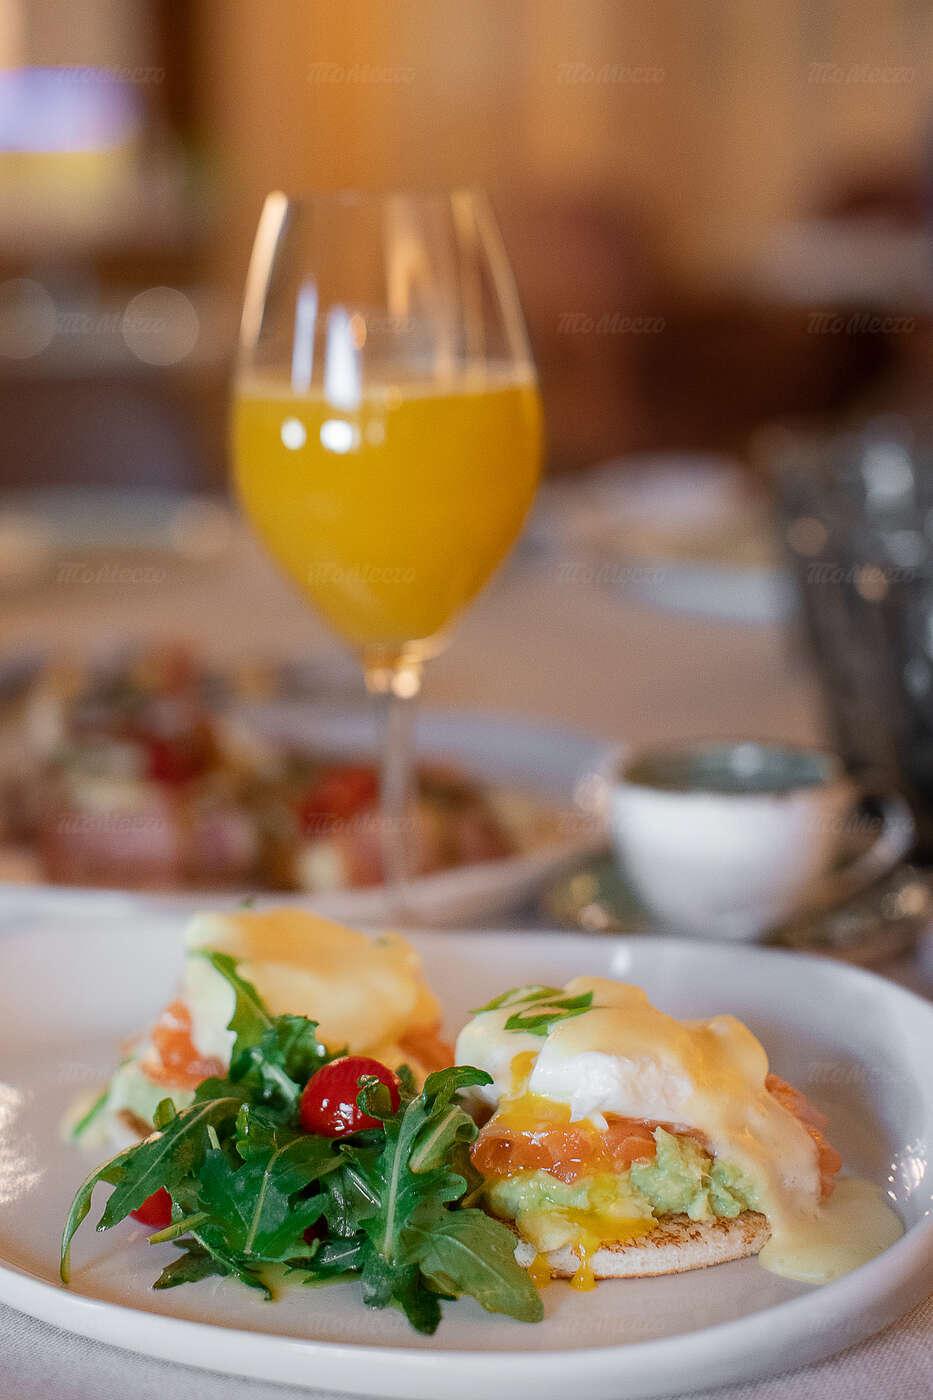 Меню ресторана Osteria di mare на Шелепихинской набережной фото 24